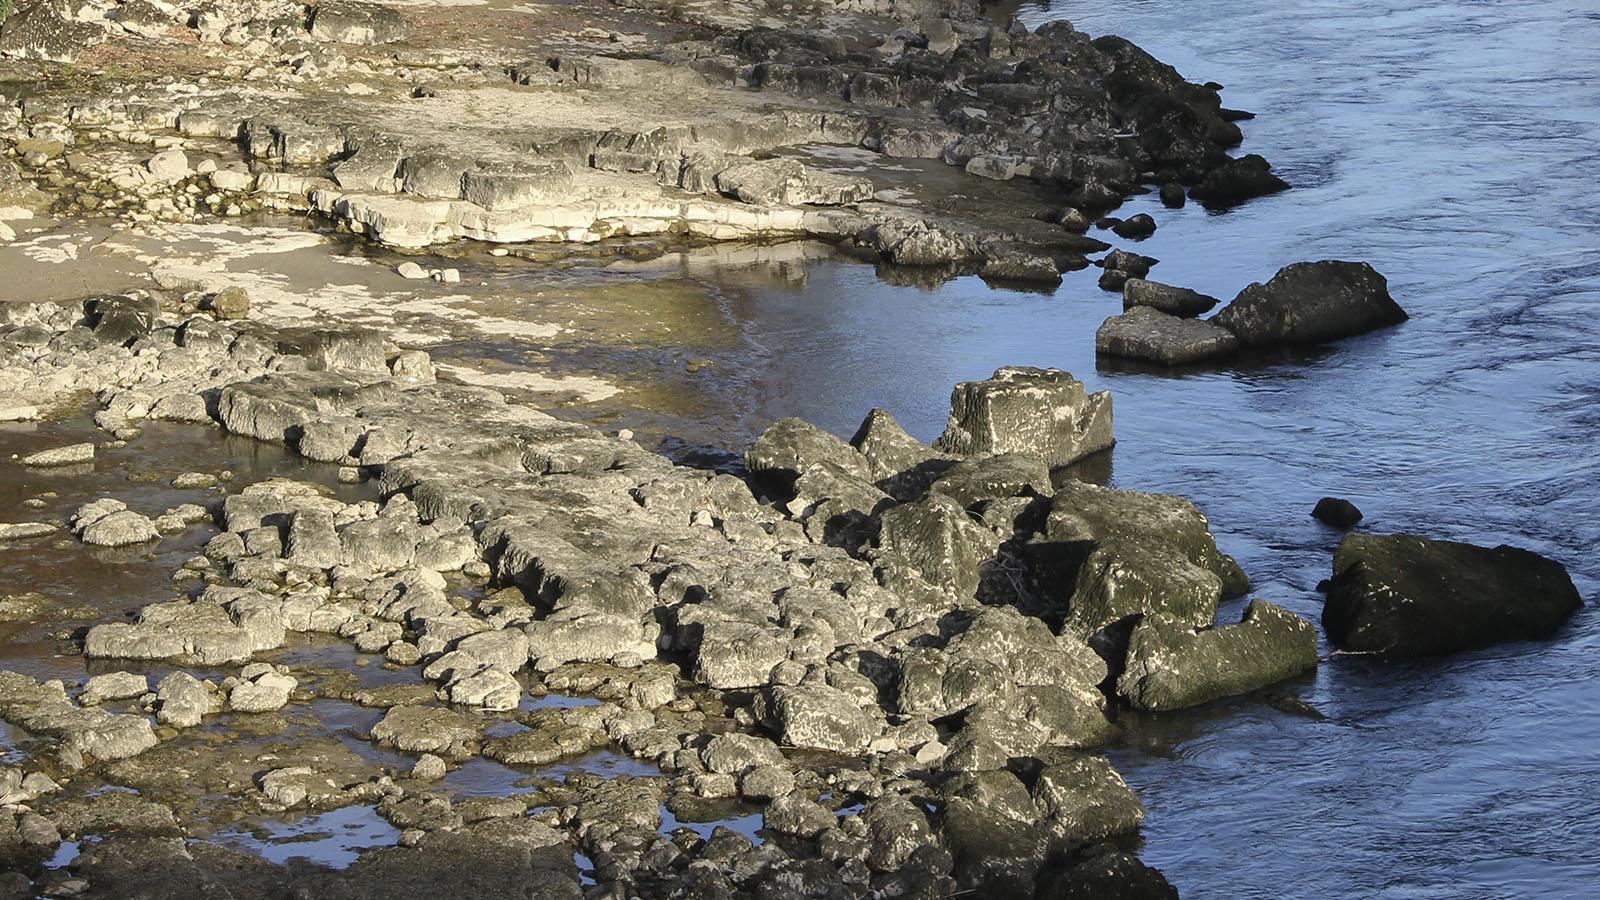 Die Felsterrassen in Flussnähe bestehen vorwiegend aus mikritischem Kalk der Wettinger Schichten